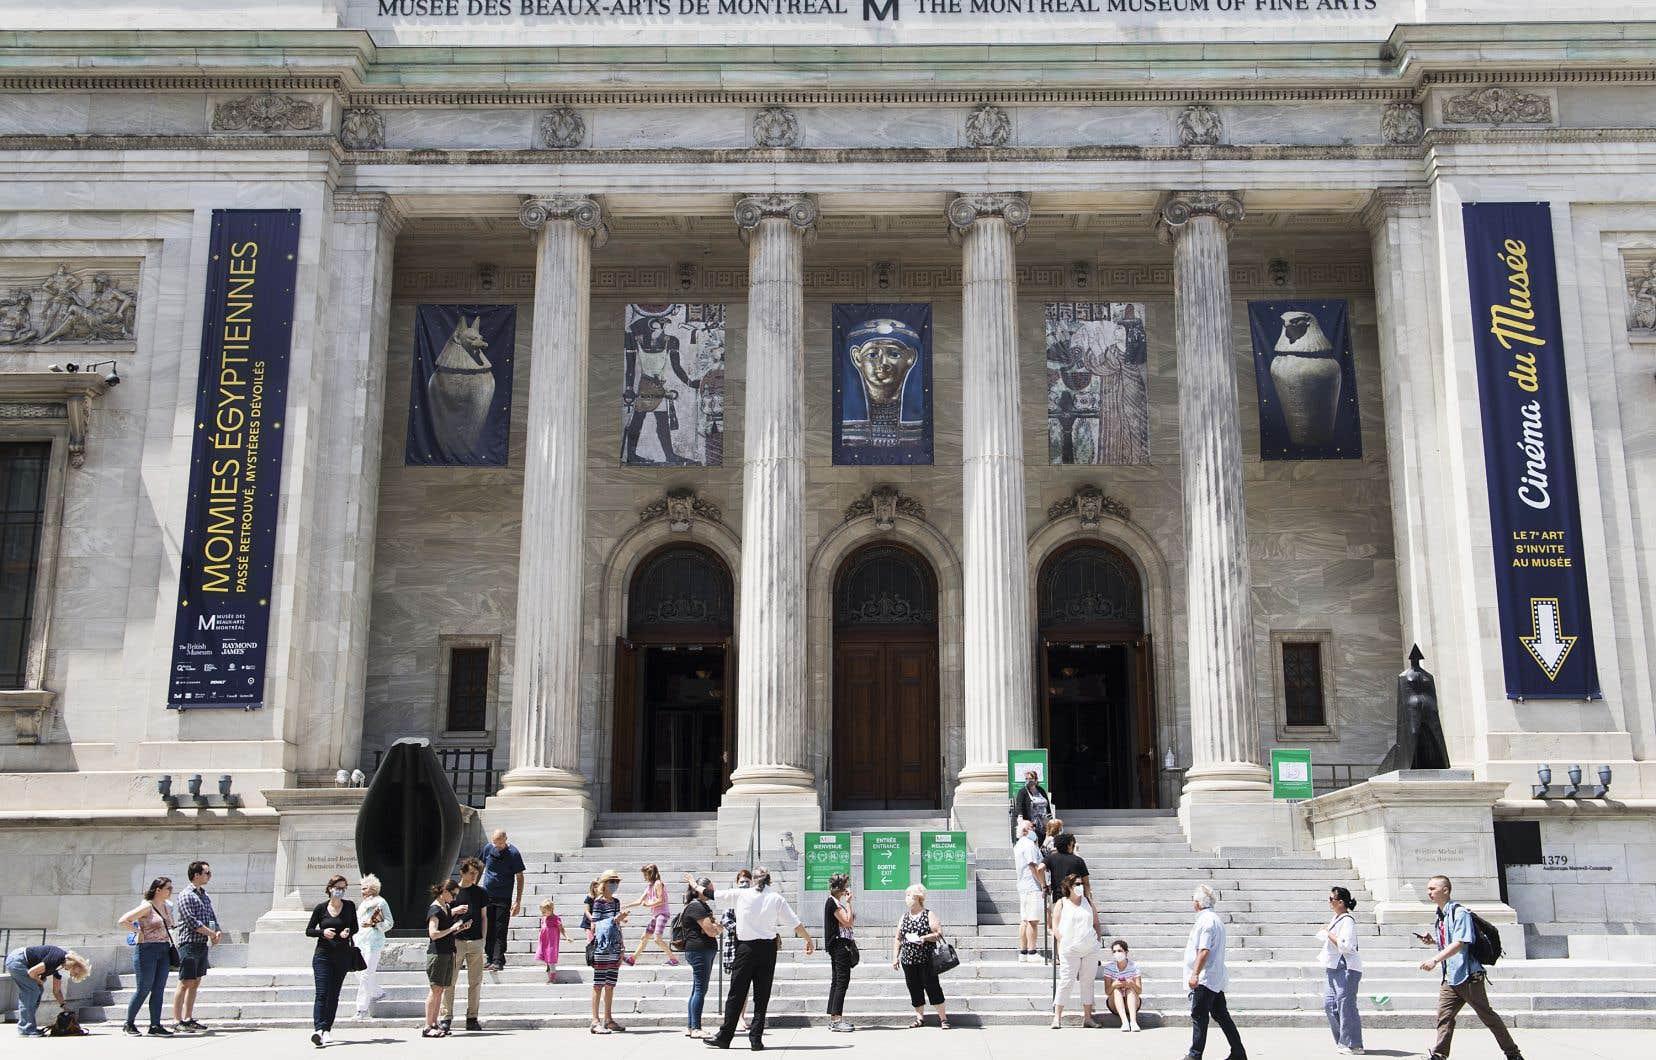 De nombreux visiteurs masqués étaient présents lors de la réouverture du Musée des beaux-arts de Montréal, au début du mois de juin.